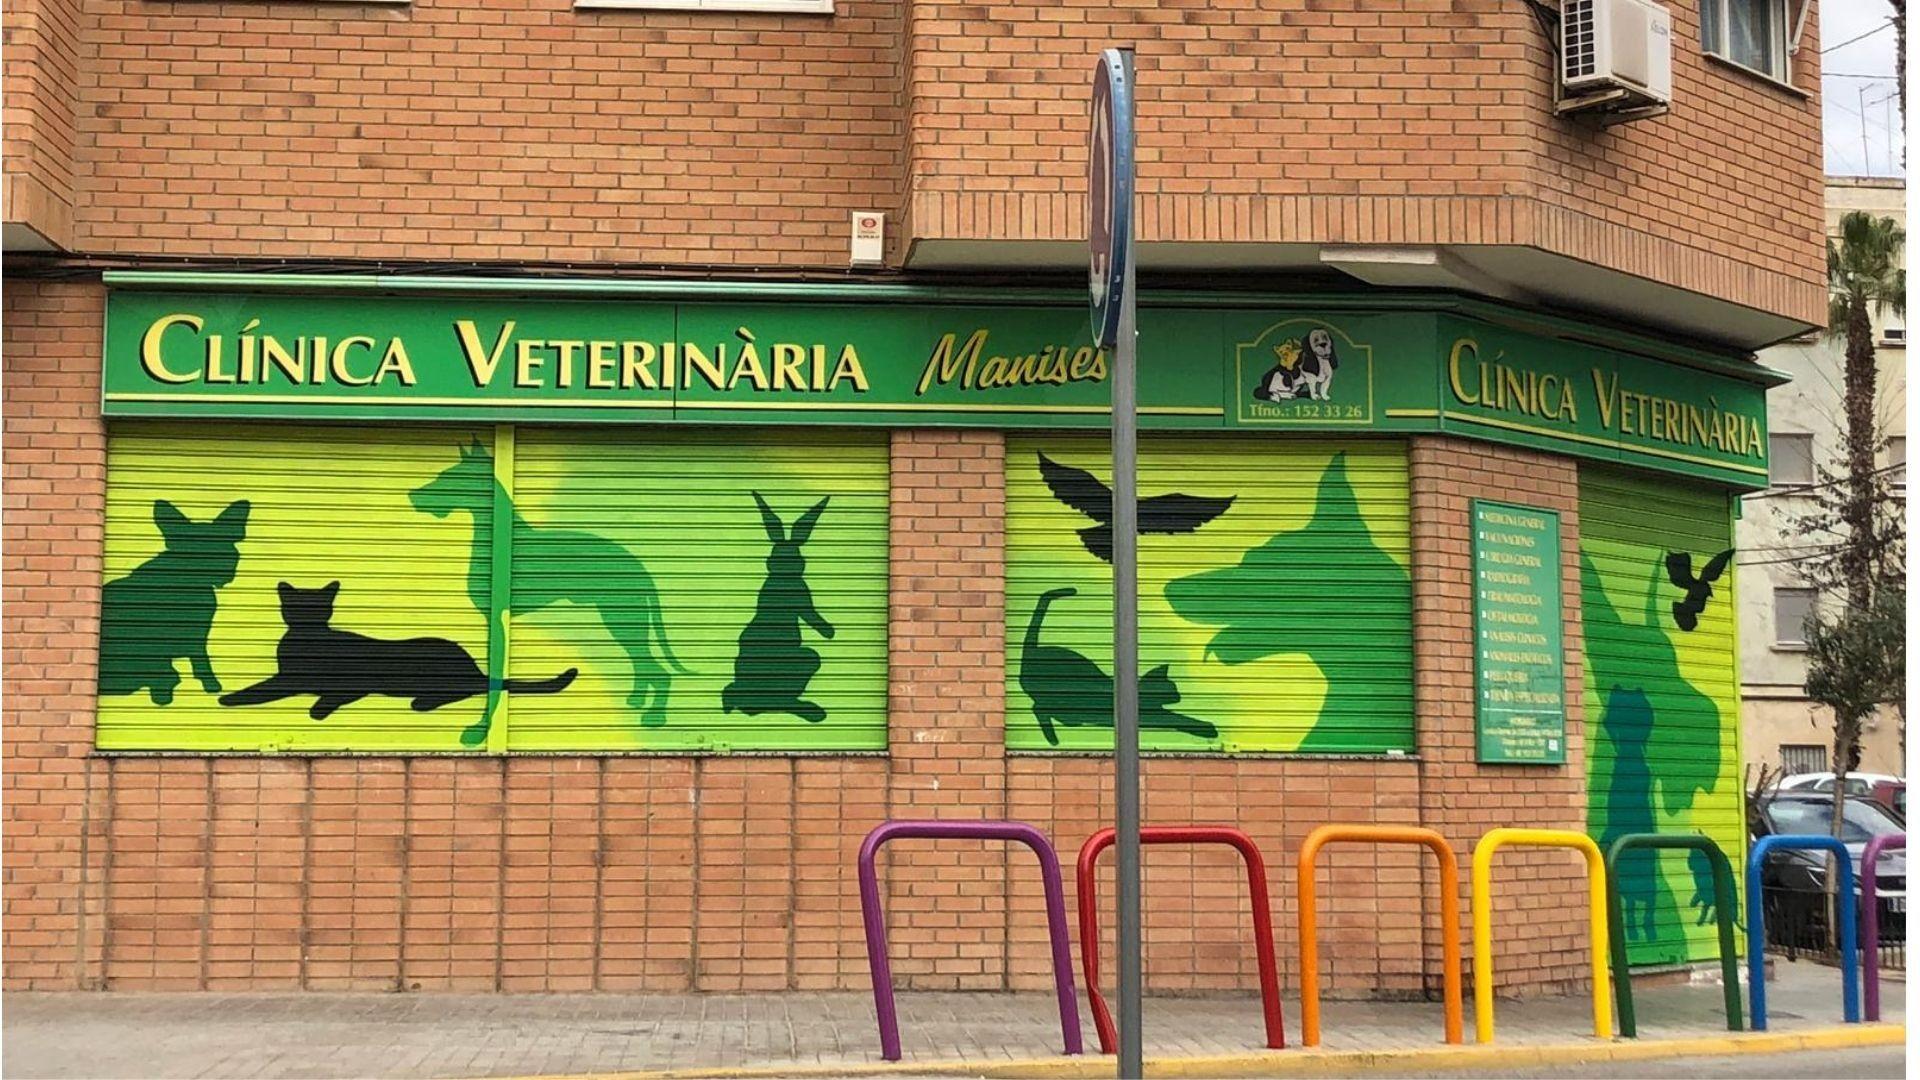 Expertos veterinarios en Manises